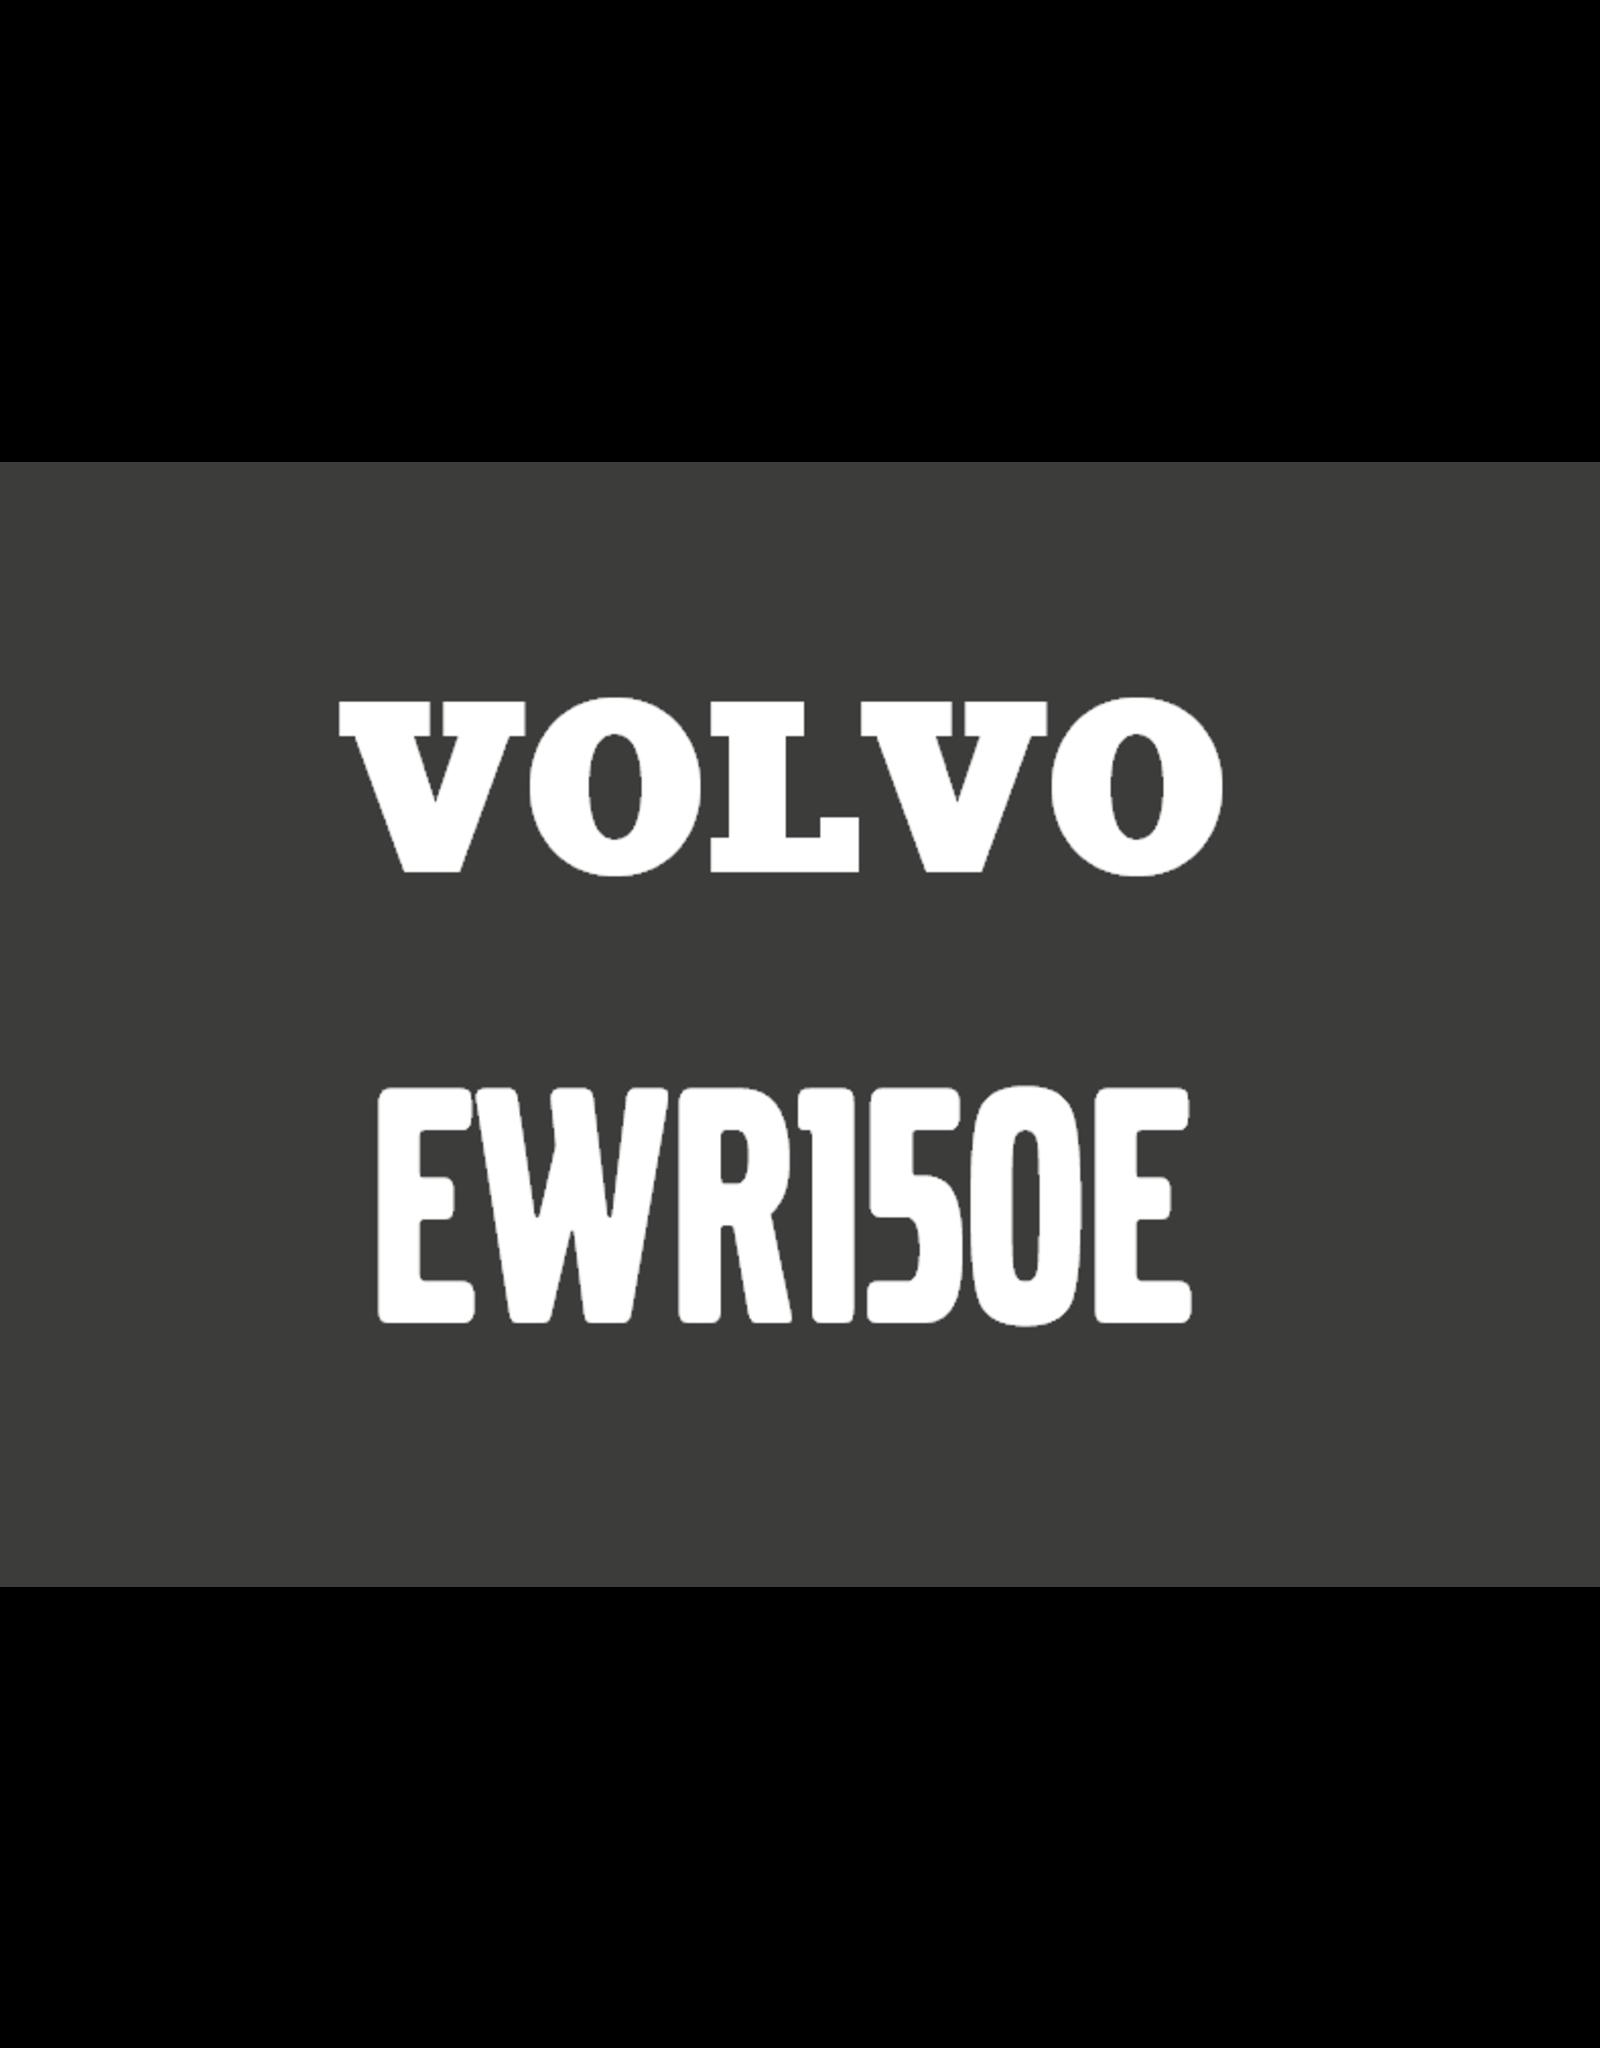 Echle Hartstahl GmbH FOPS für Volvo EWR150E